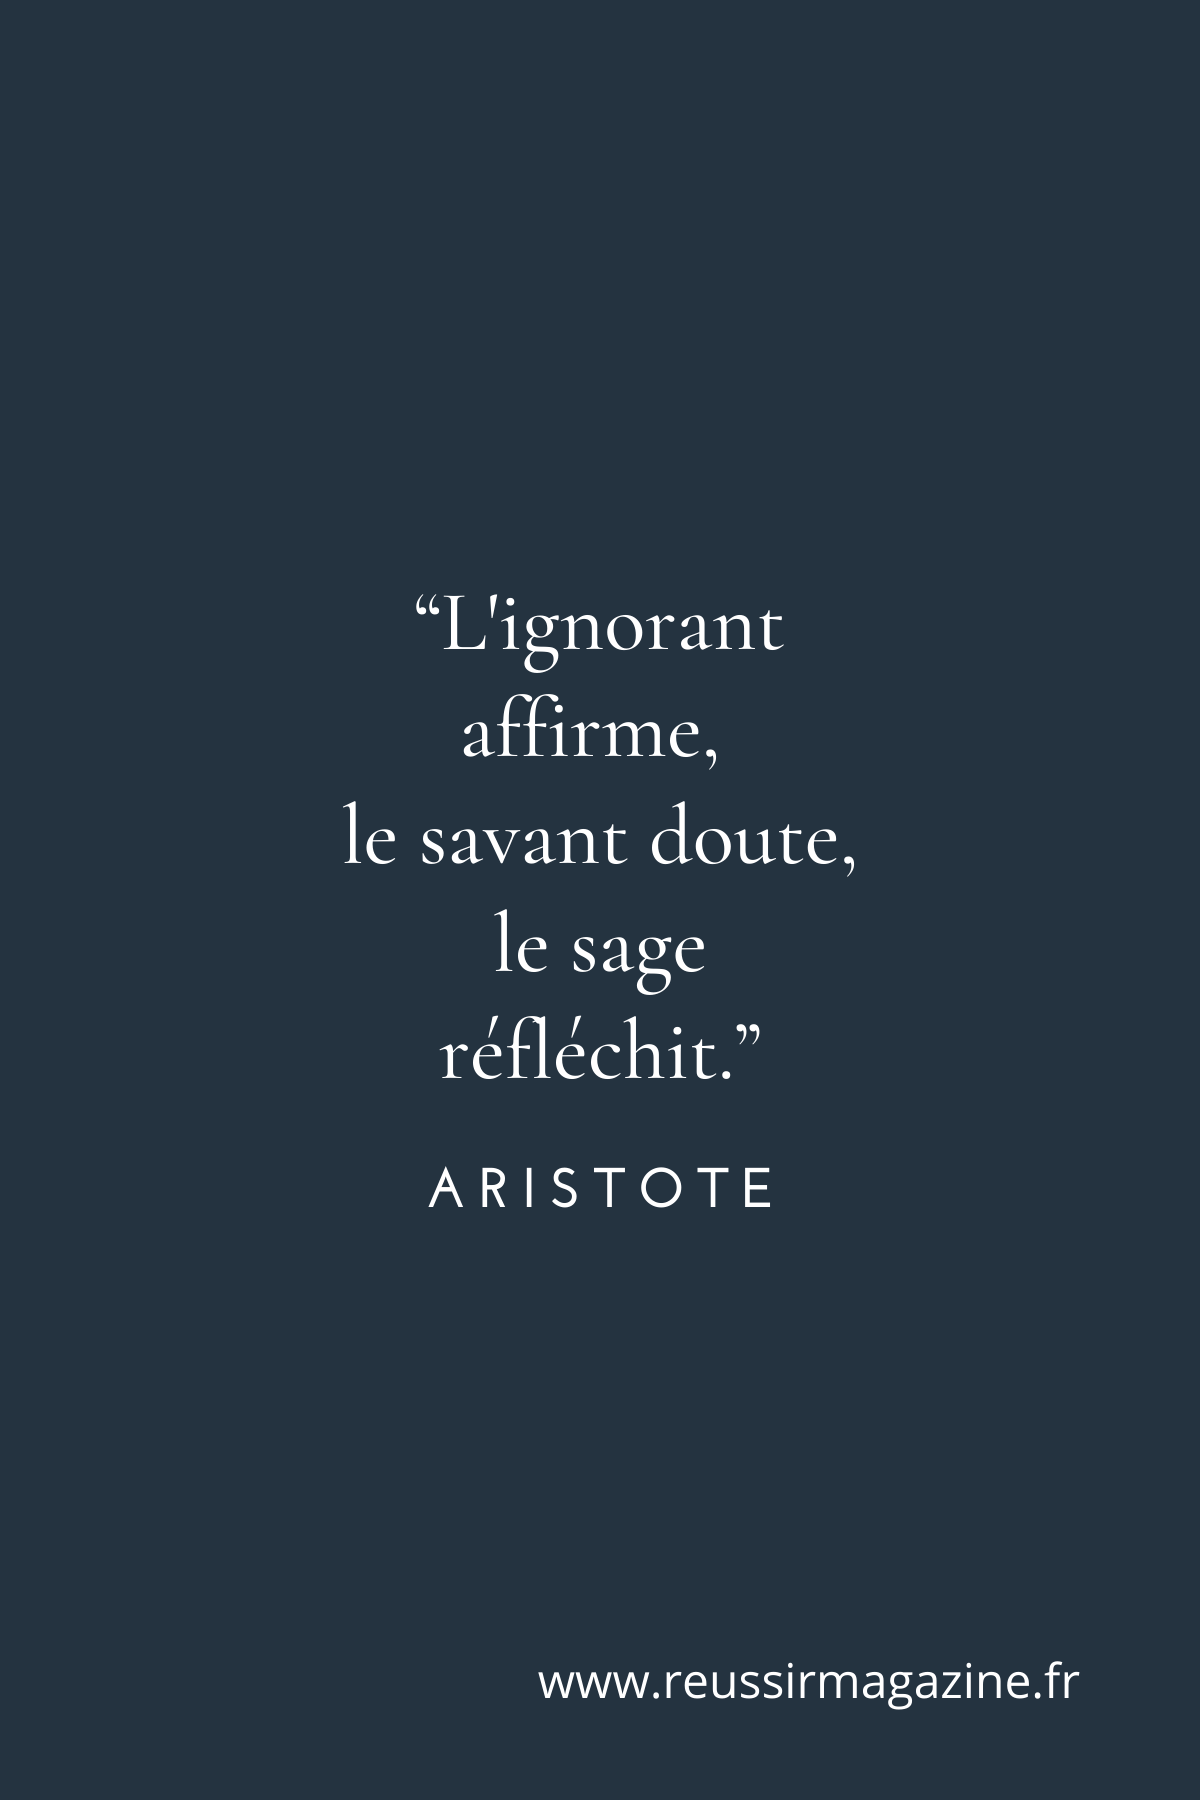 L'ignorant Affirme Le Savant Doute Le Sage Réfléchit : l'ignorant, affirme, savant, doute, réfléchit, Profil, Réussir, Magazine, (reussirmagazine), Pinterest